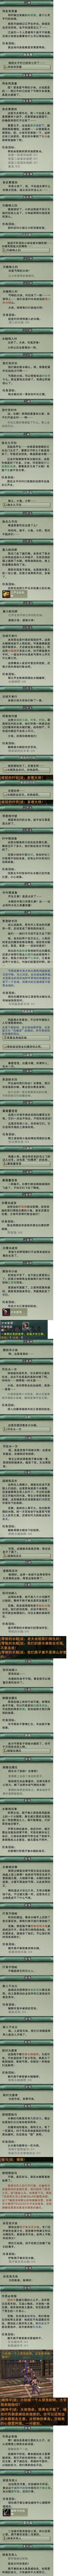 主线任务07 - 燕子寨水贼.jpg